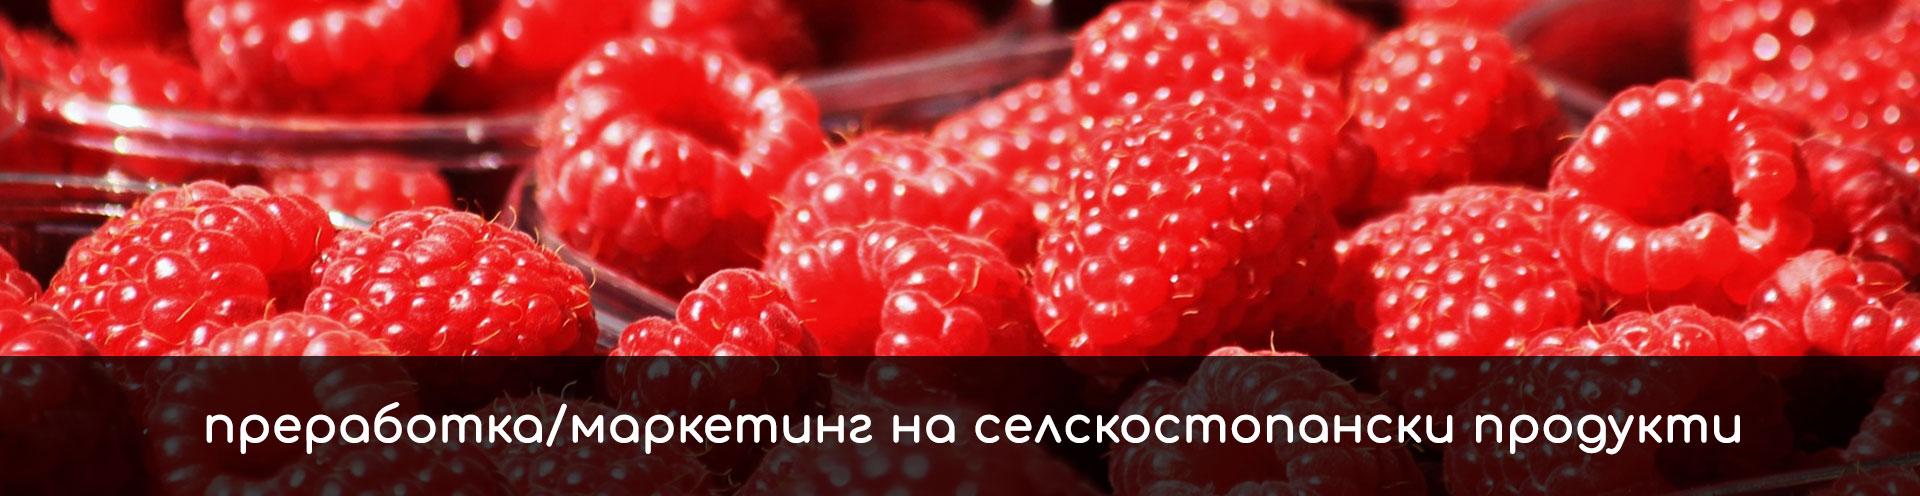 ПРЕРАБОТКА/МАРКЕТИНГ НА СЕЛСКОСТОПАНСКИ ПРОДУКТИ